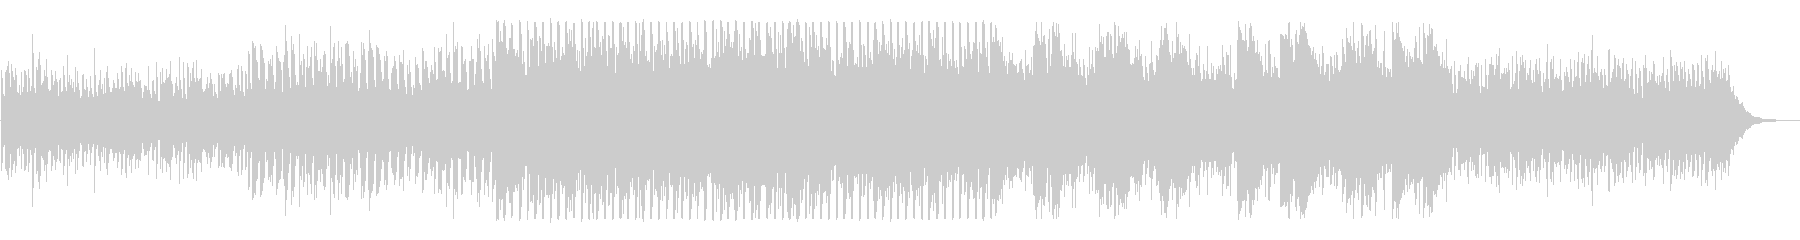 近未来的でクールなピアノテクノの未再生の波形